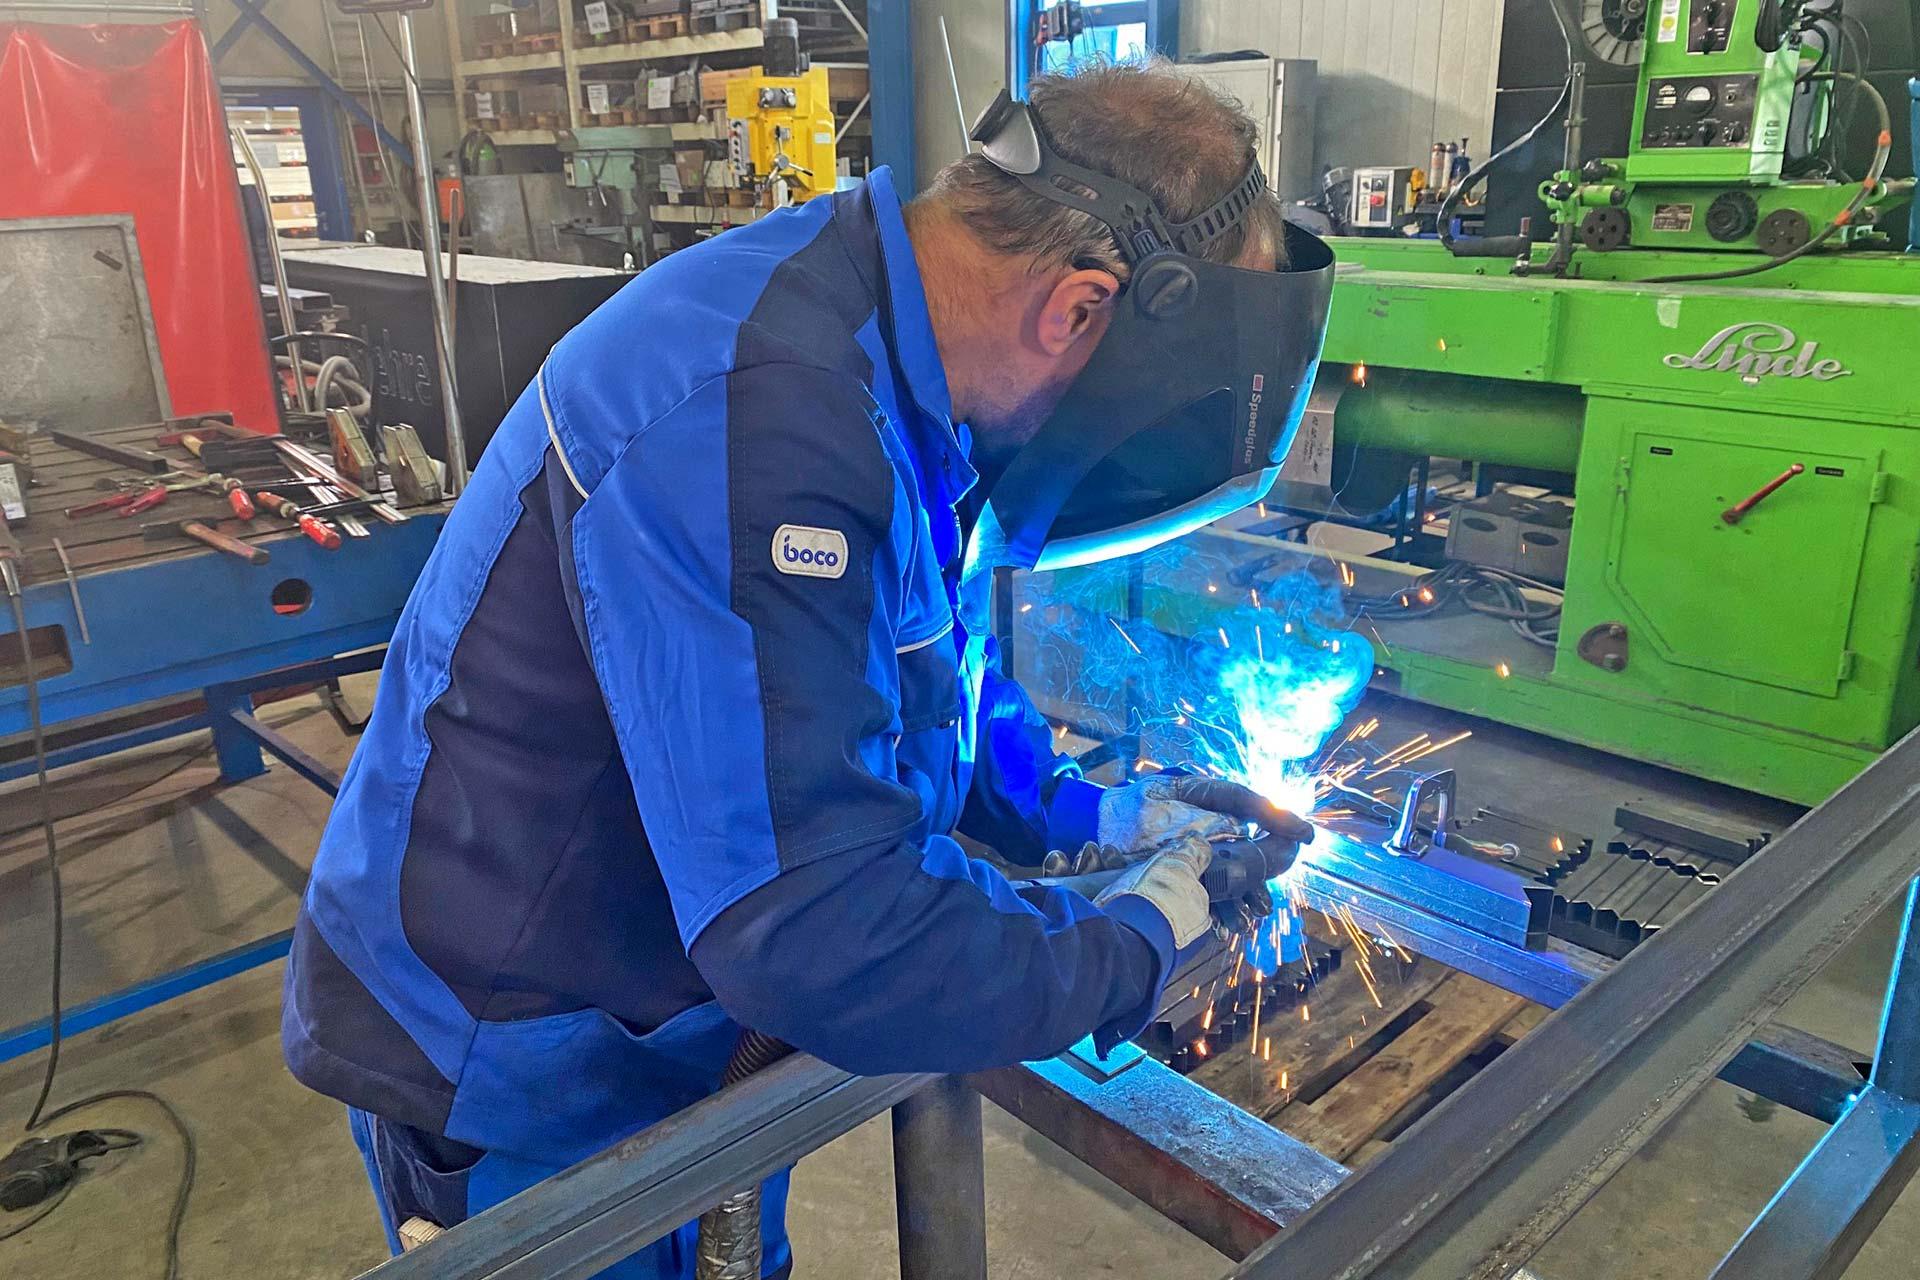 BELLMANN - Metallbauer/Fensterbauer bei der Werkerselbstprüfung